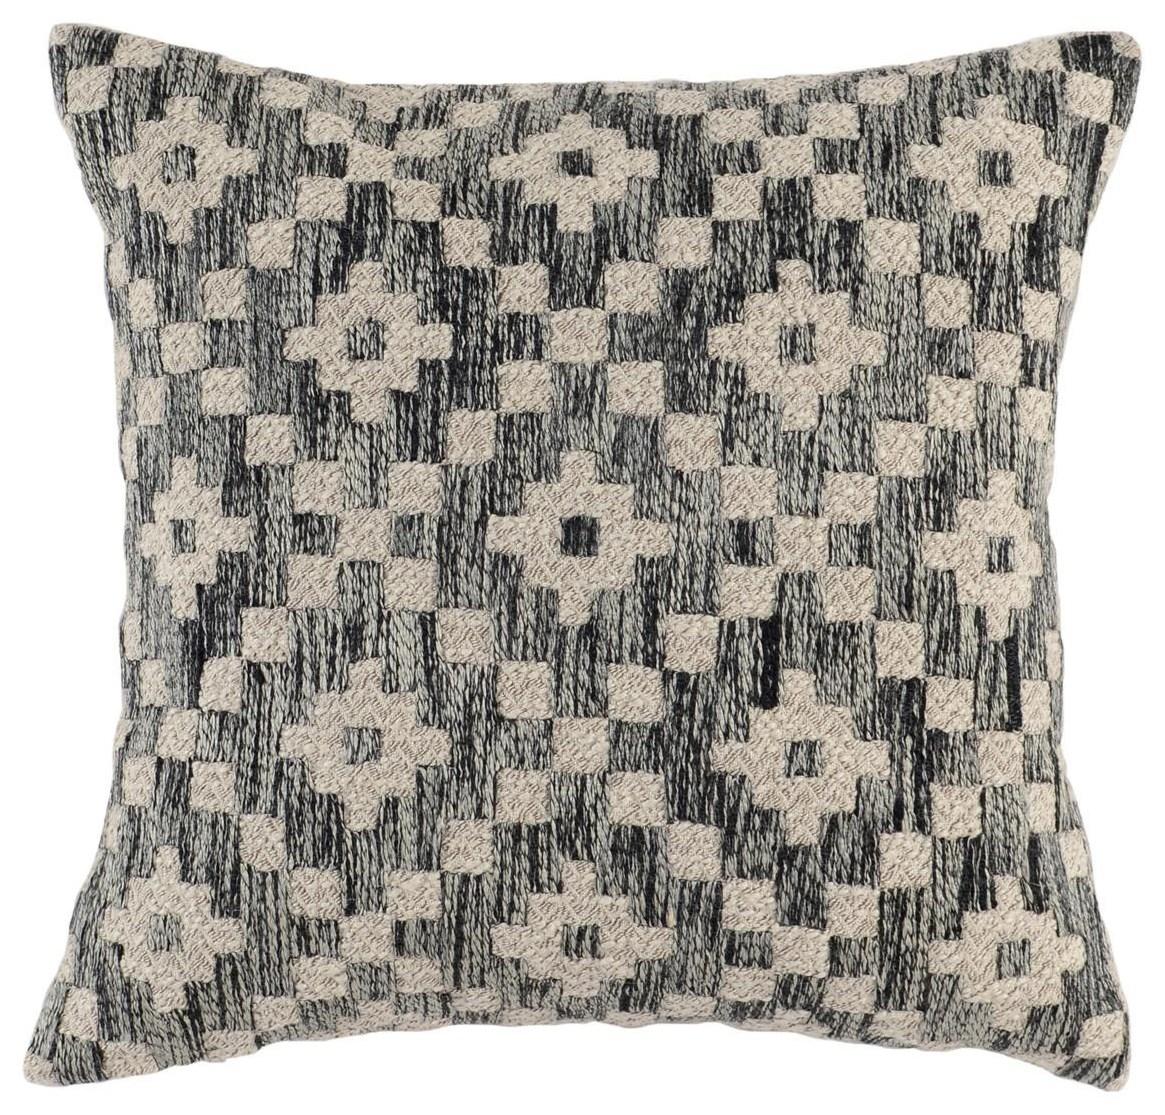 Perot Onyx Throw Pillow